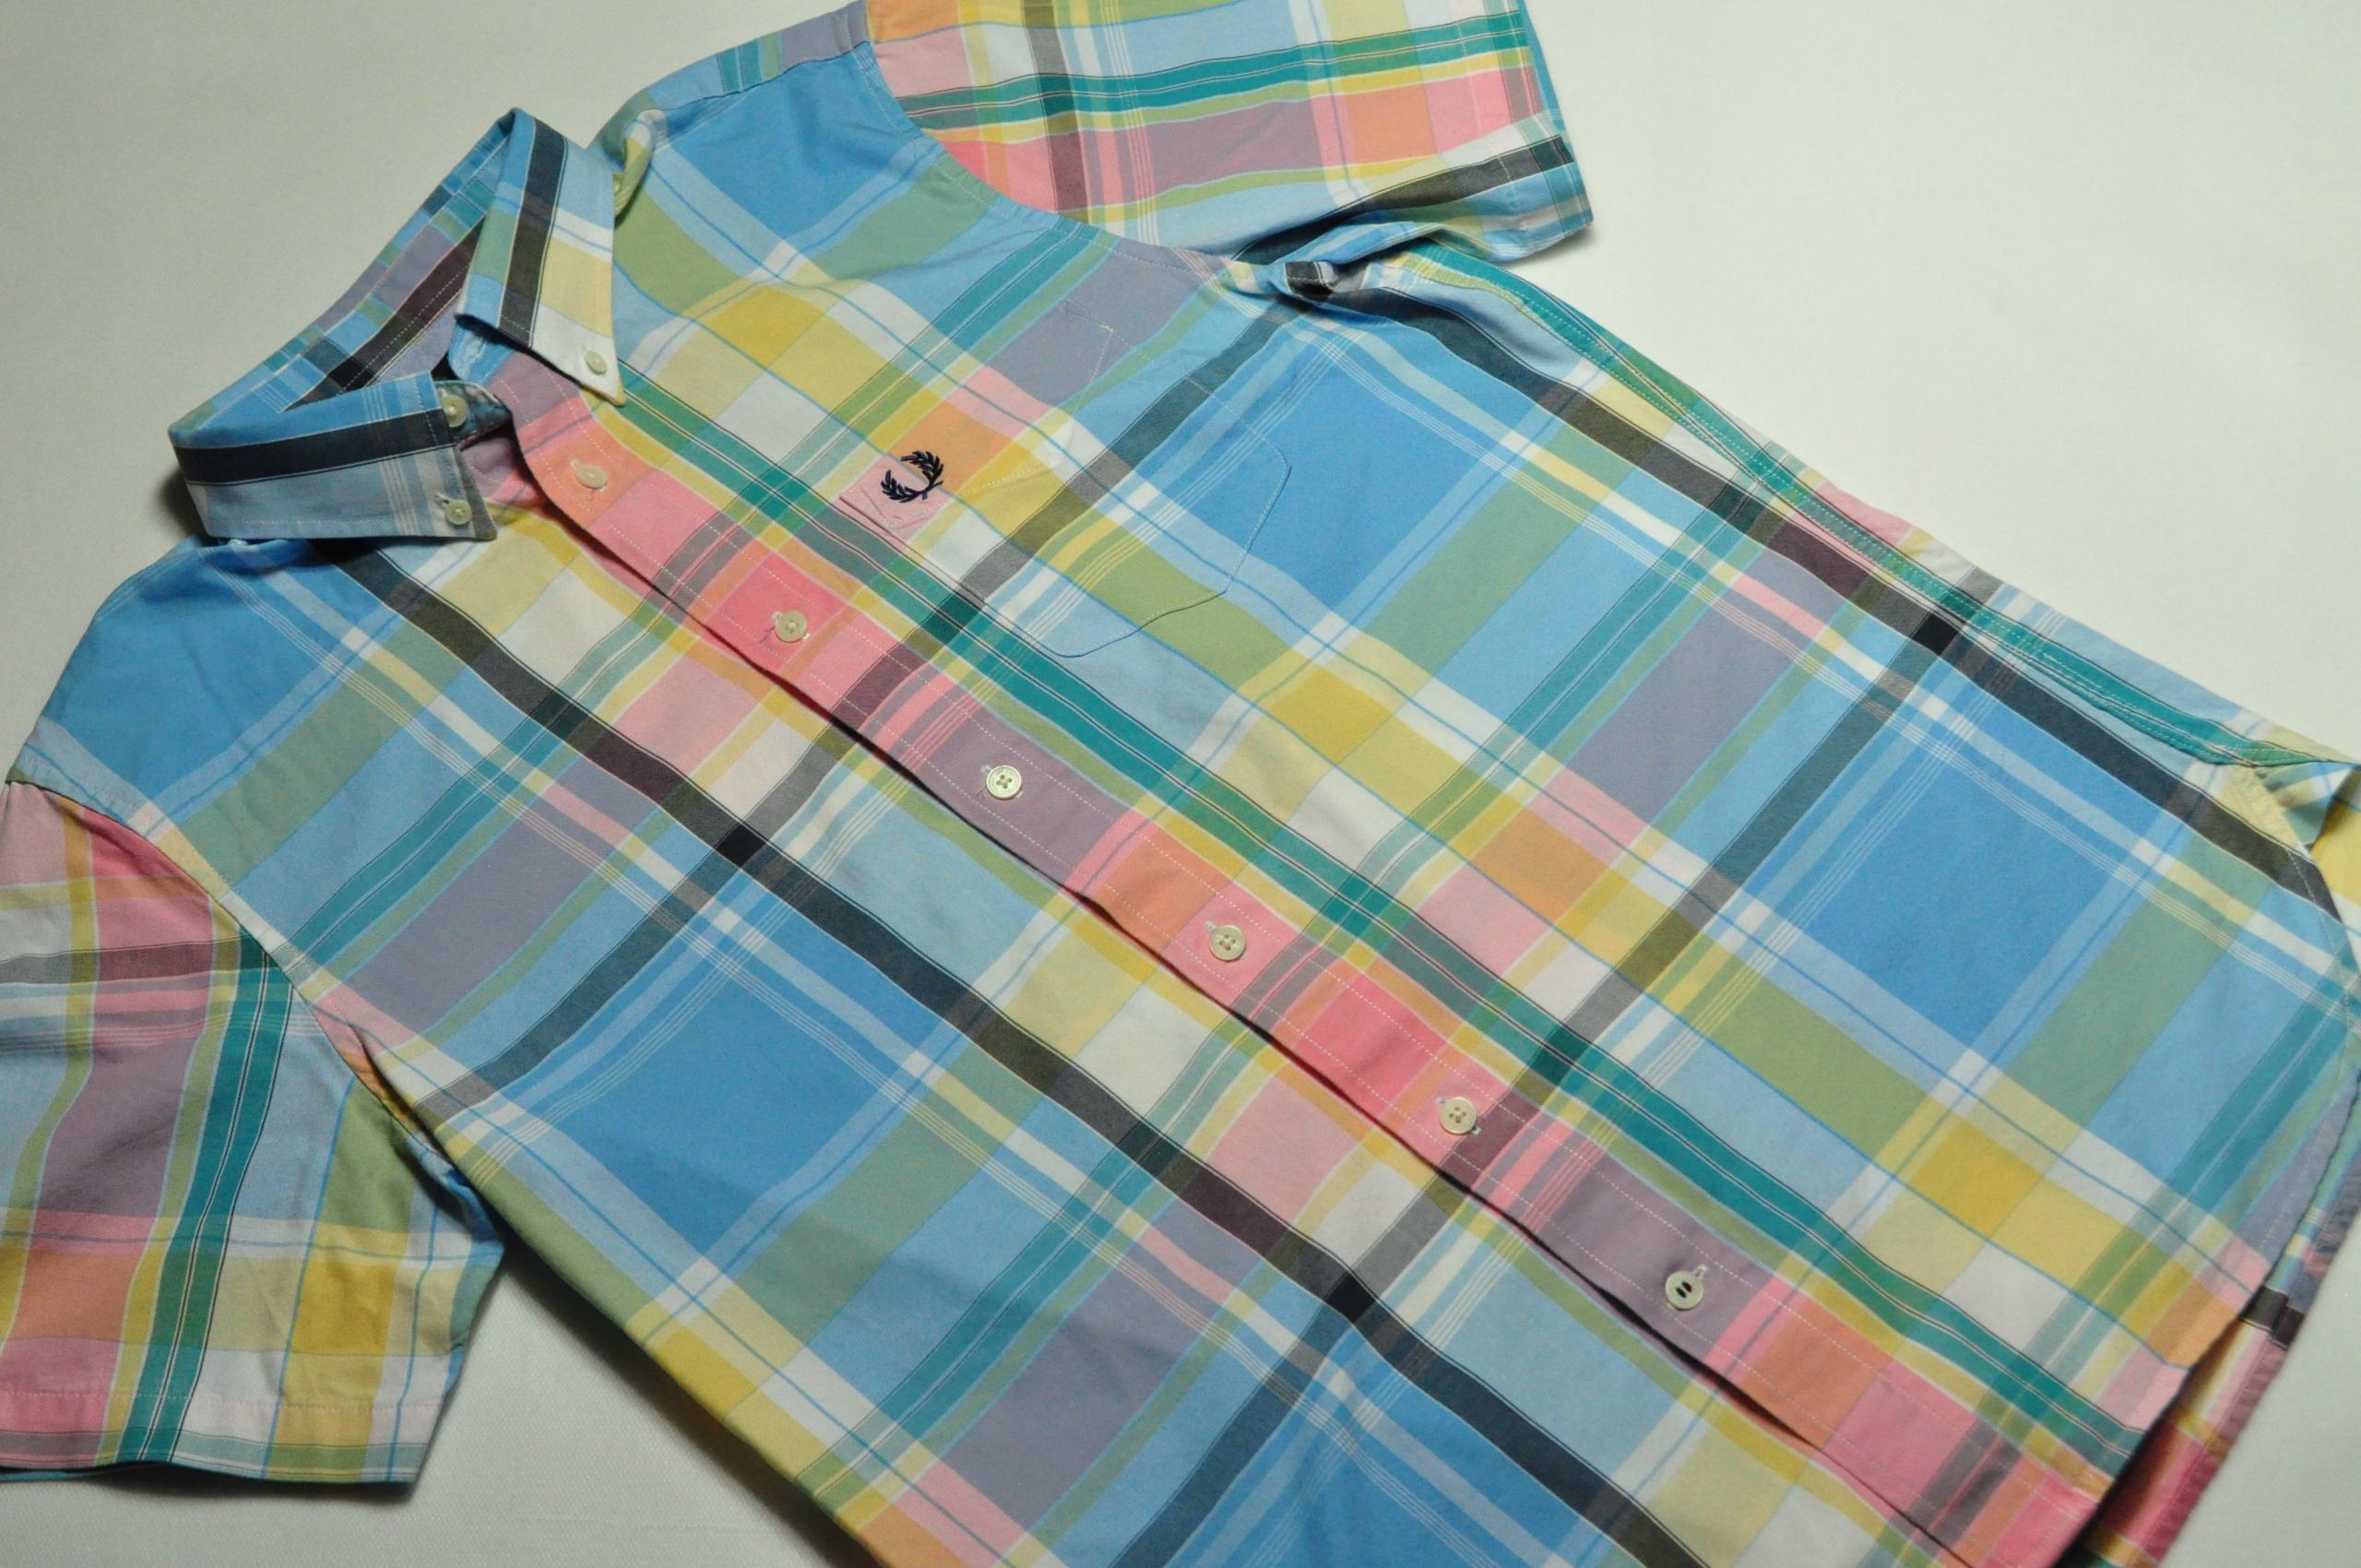 ATT koszula męska Fred Perry krótki rękaw kratka